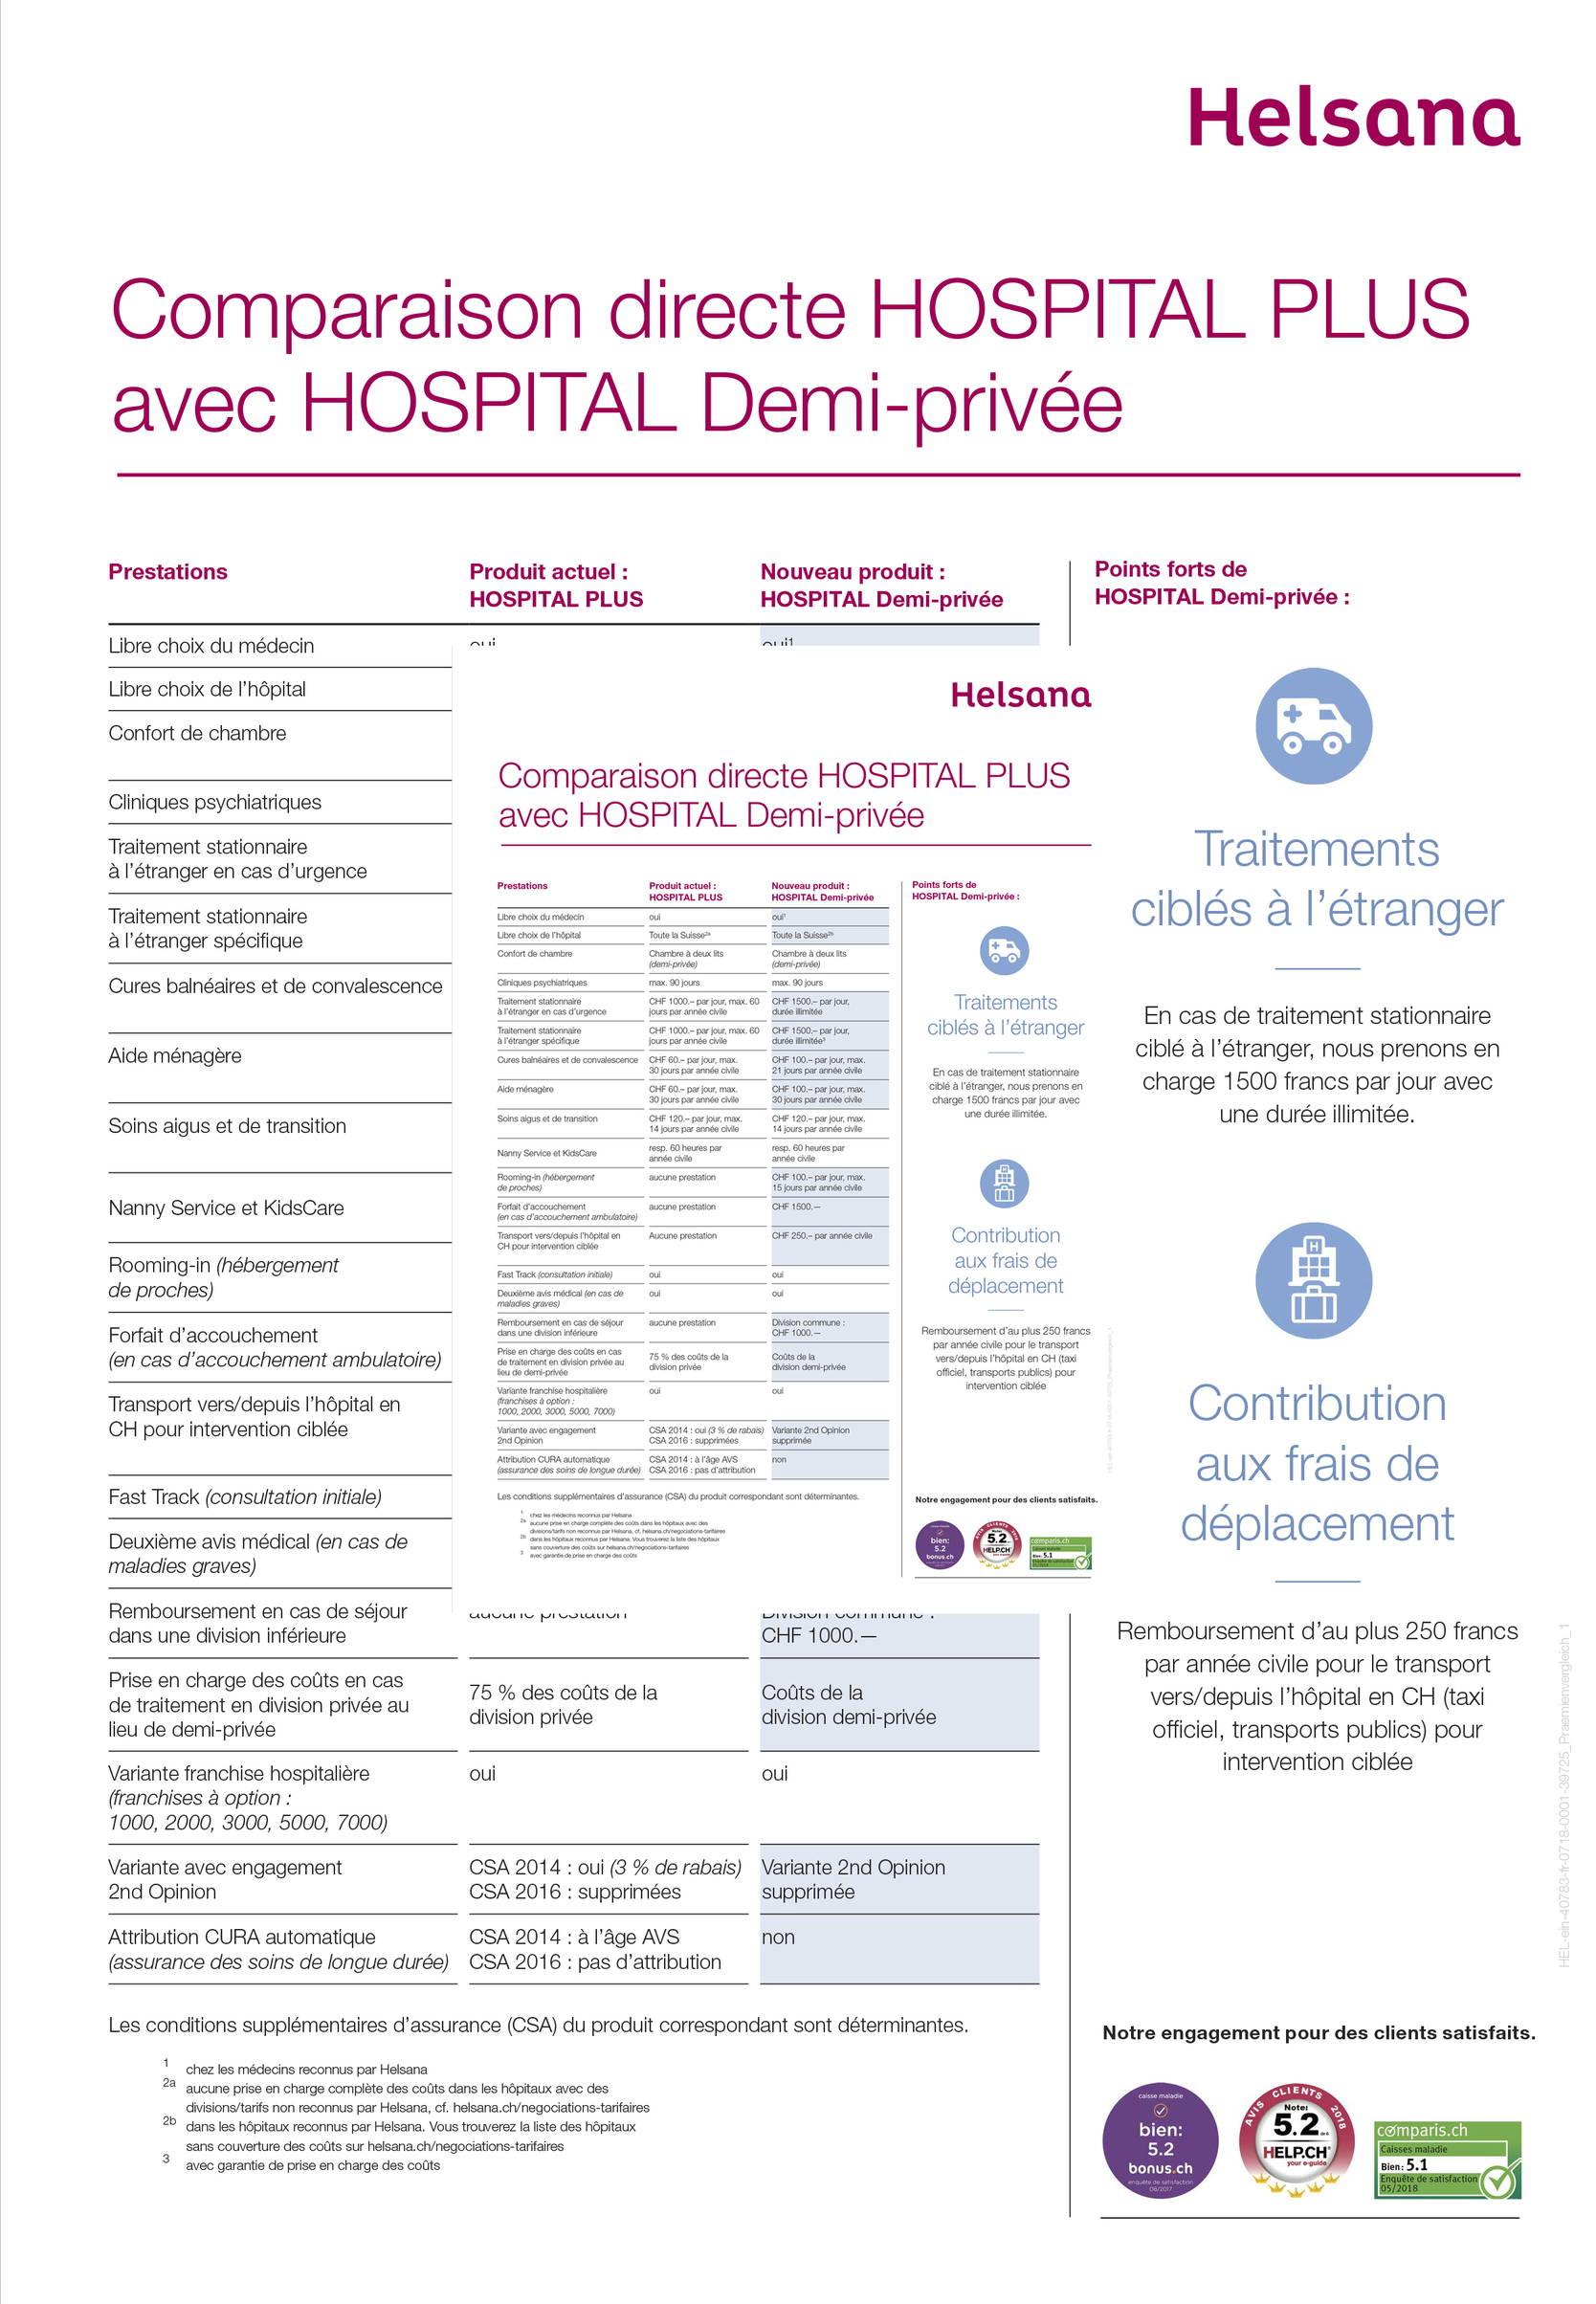 Les nouveaux produits d assurance complémentaire hospitalisation Helsana  peuvent être souscrits à partir du 1.1 5a7d9e0a47a4